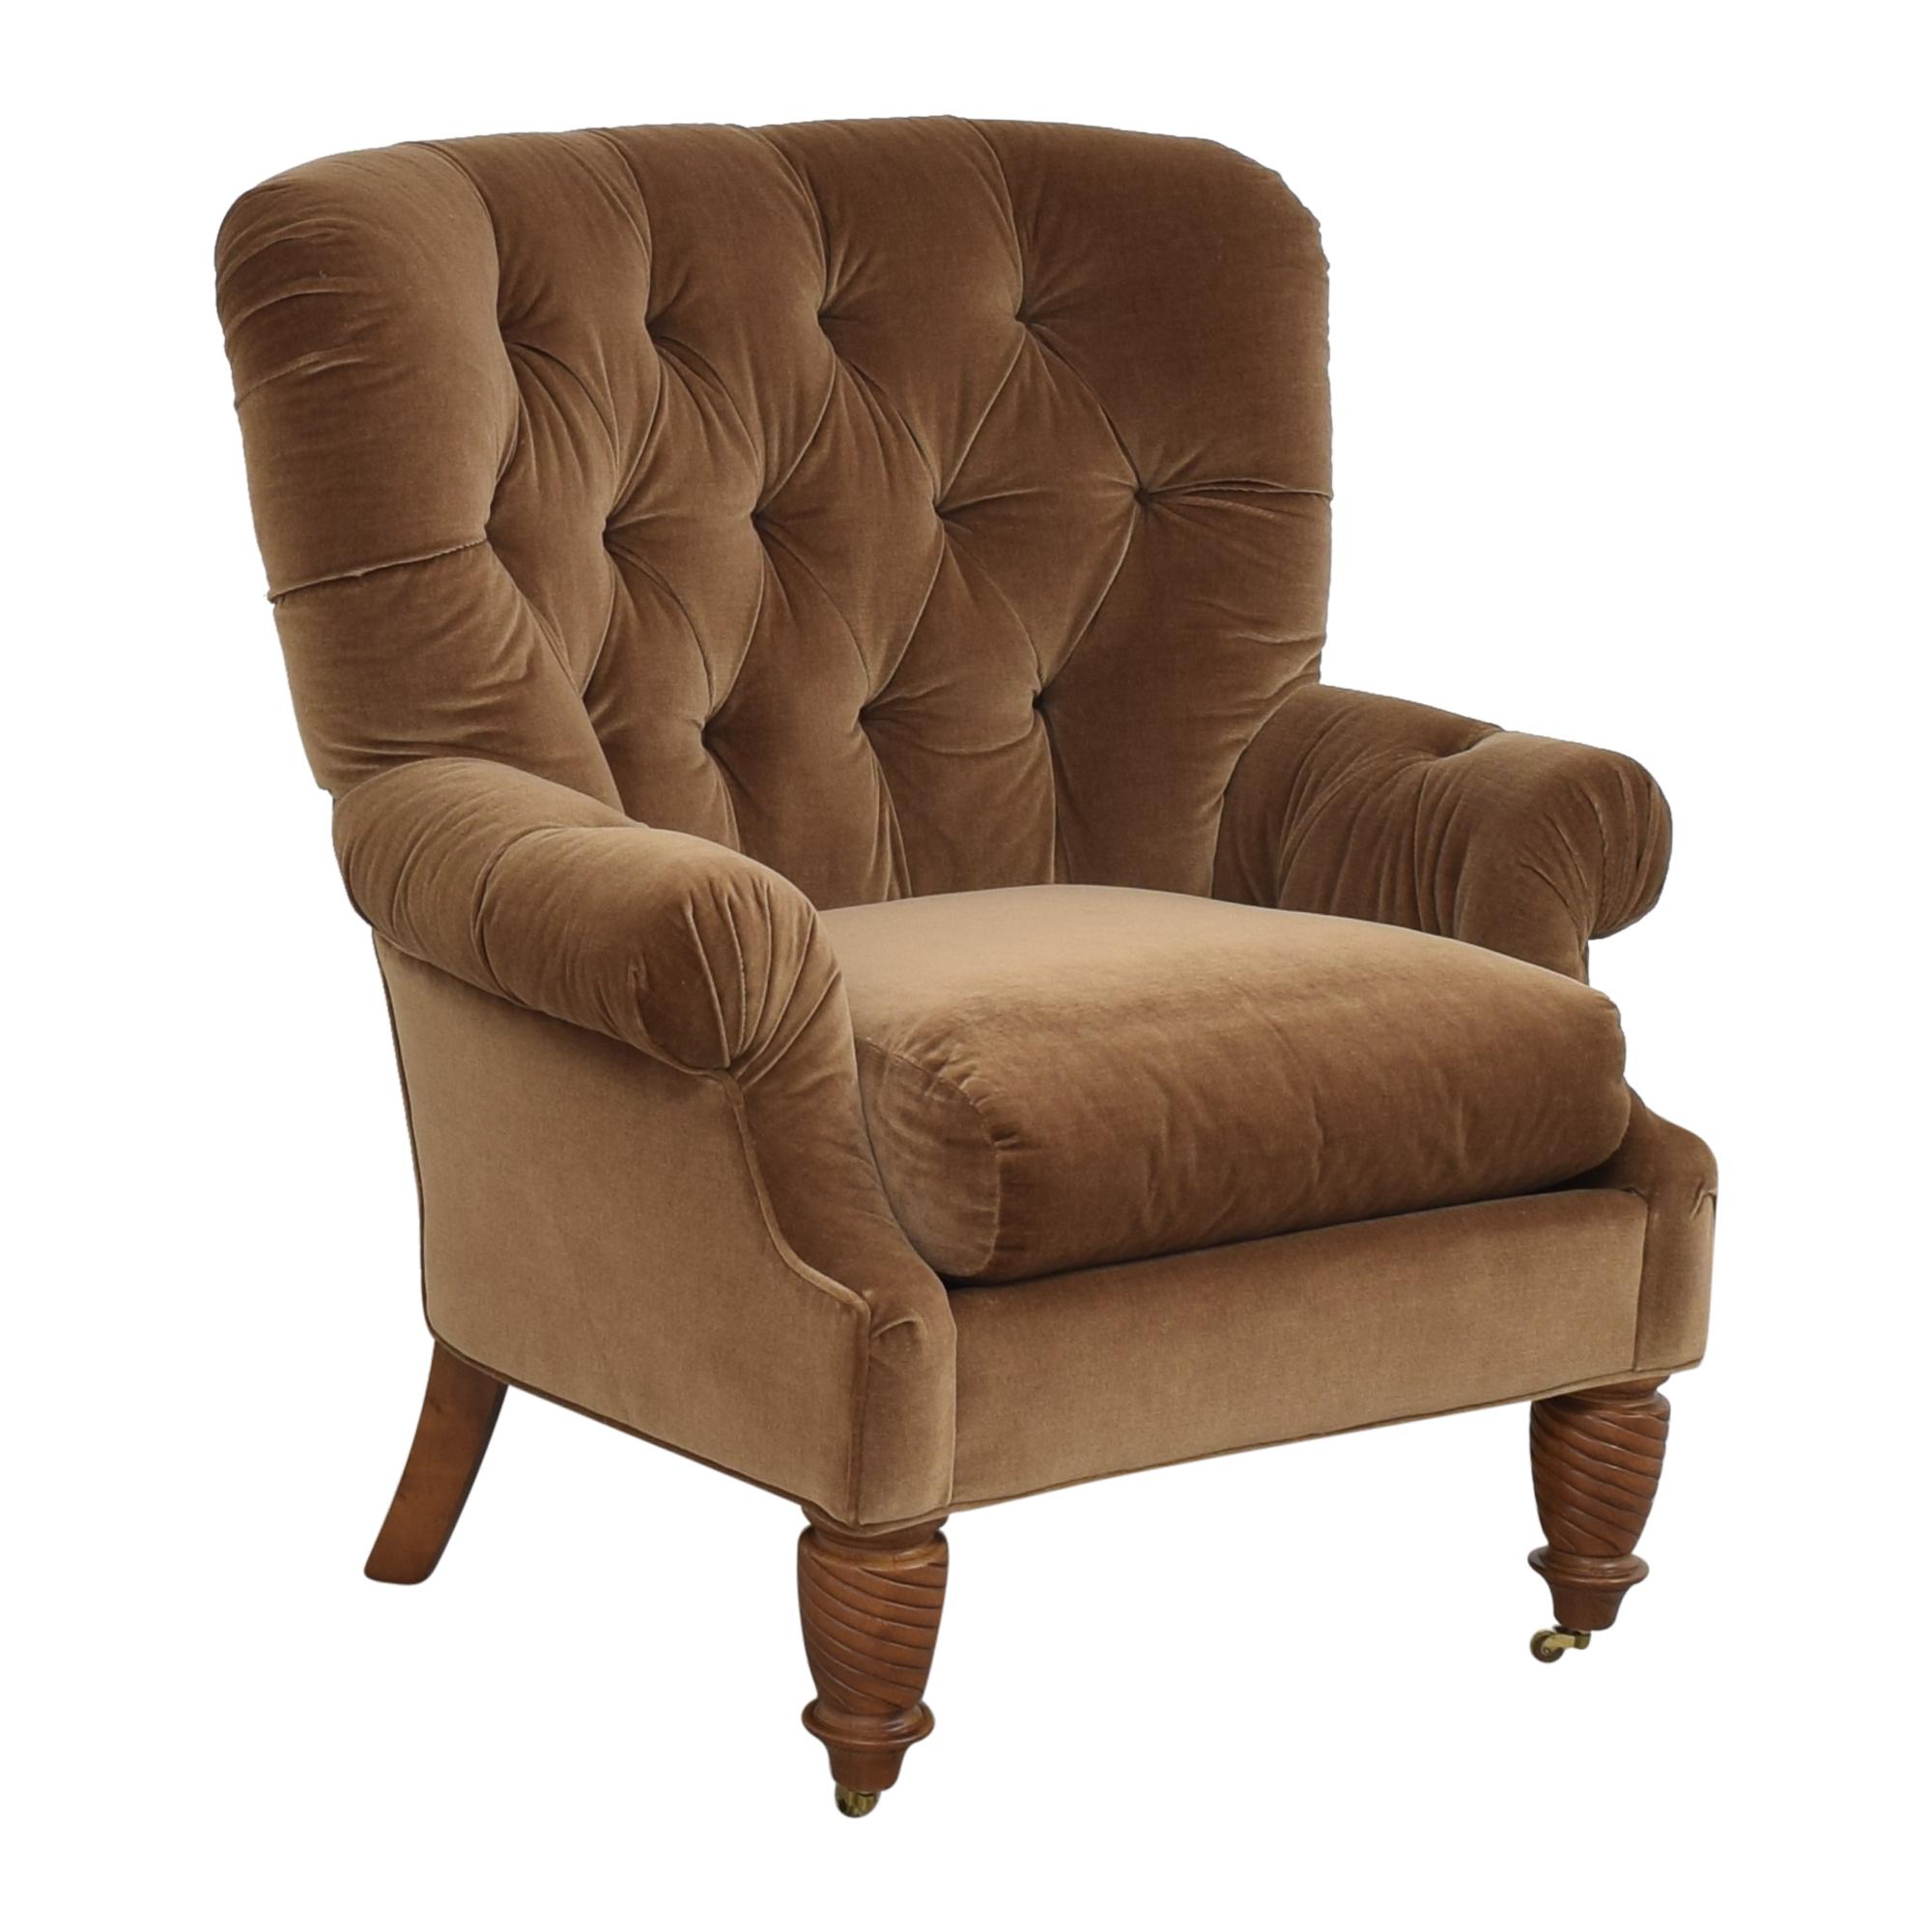 Kravet Kravet Tufted Accent Chair ma